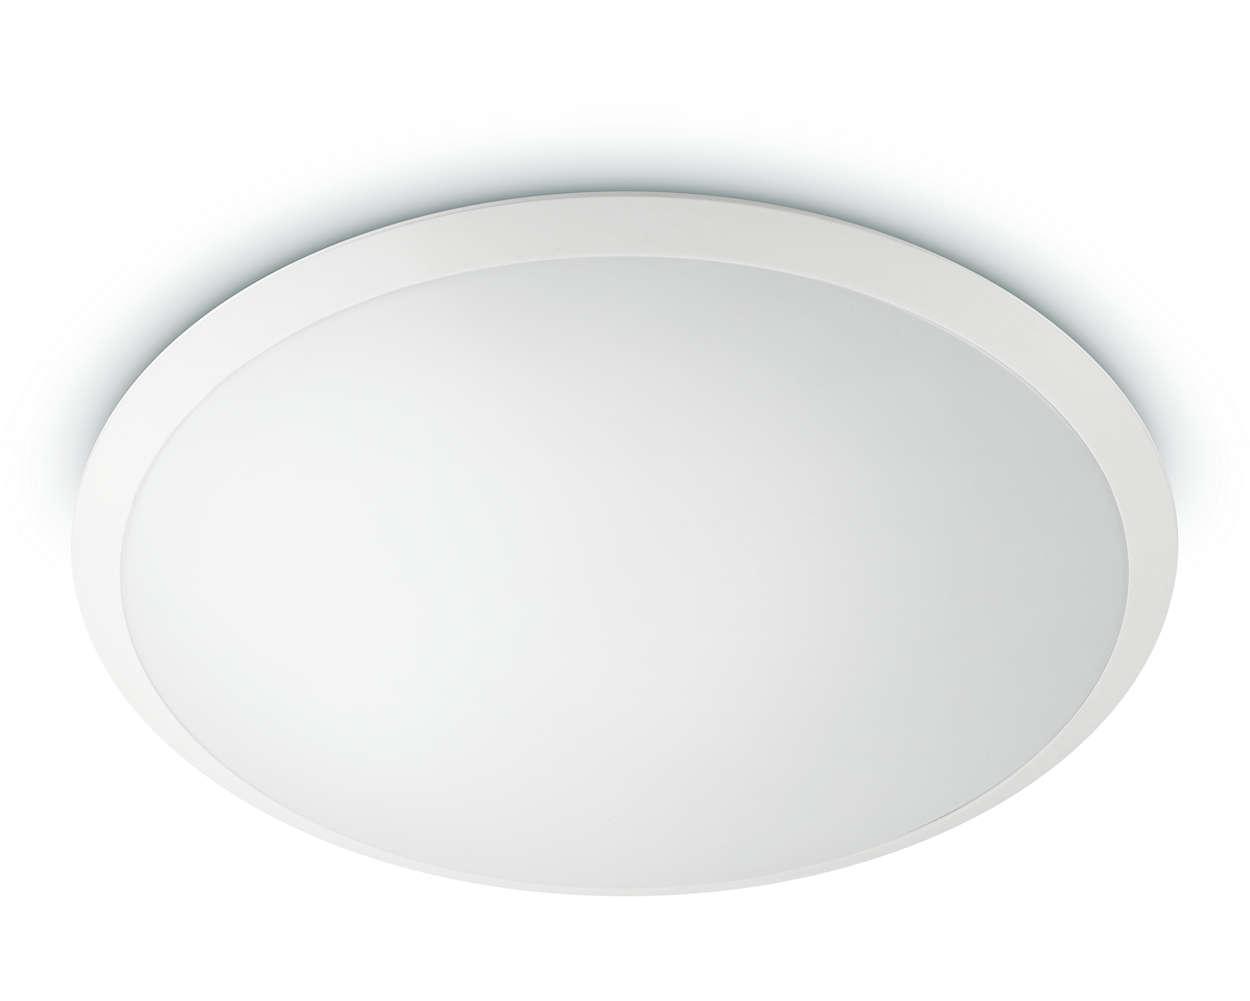 Wysokiej jakości oświetlenie tworzące przytulny nastrój w domu